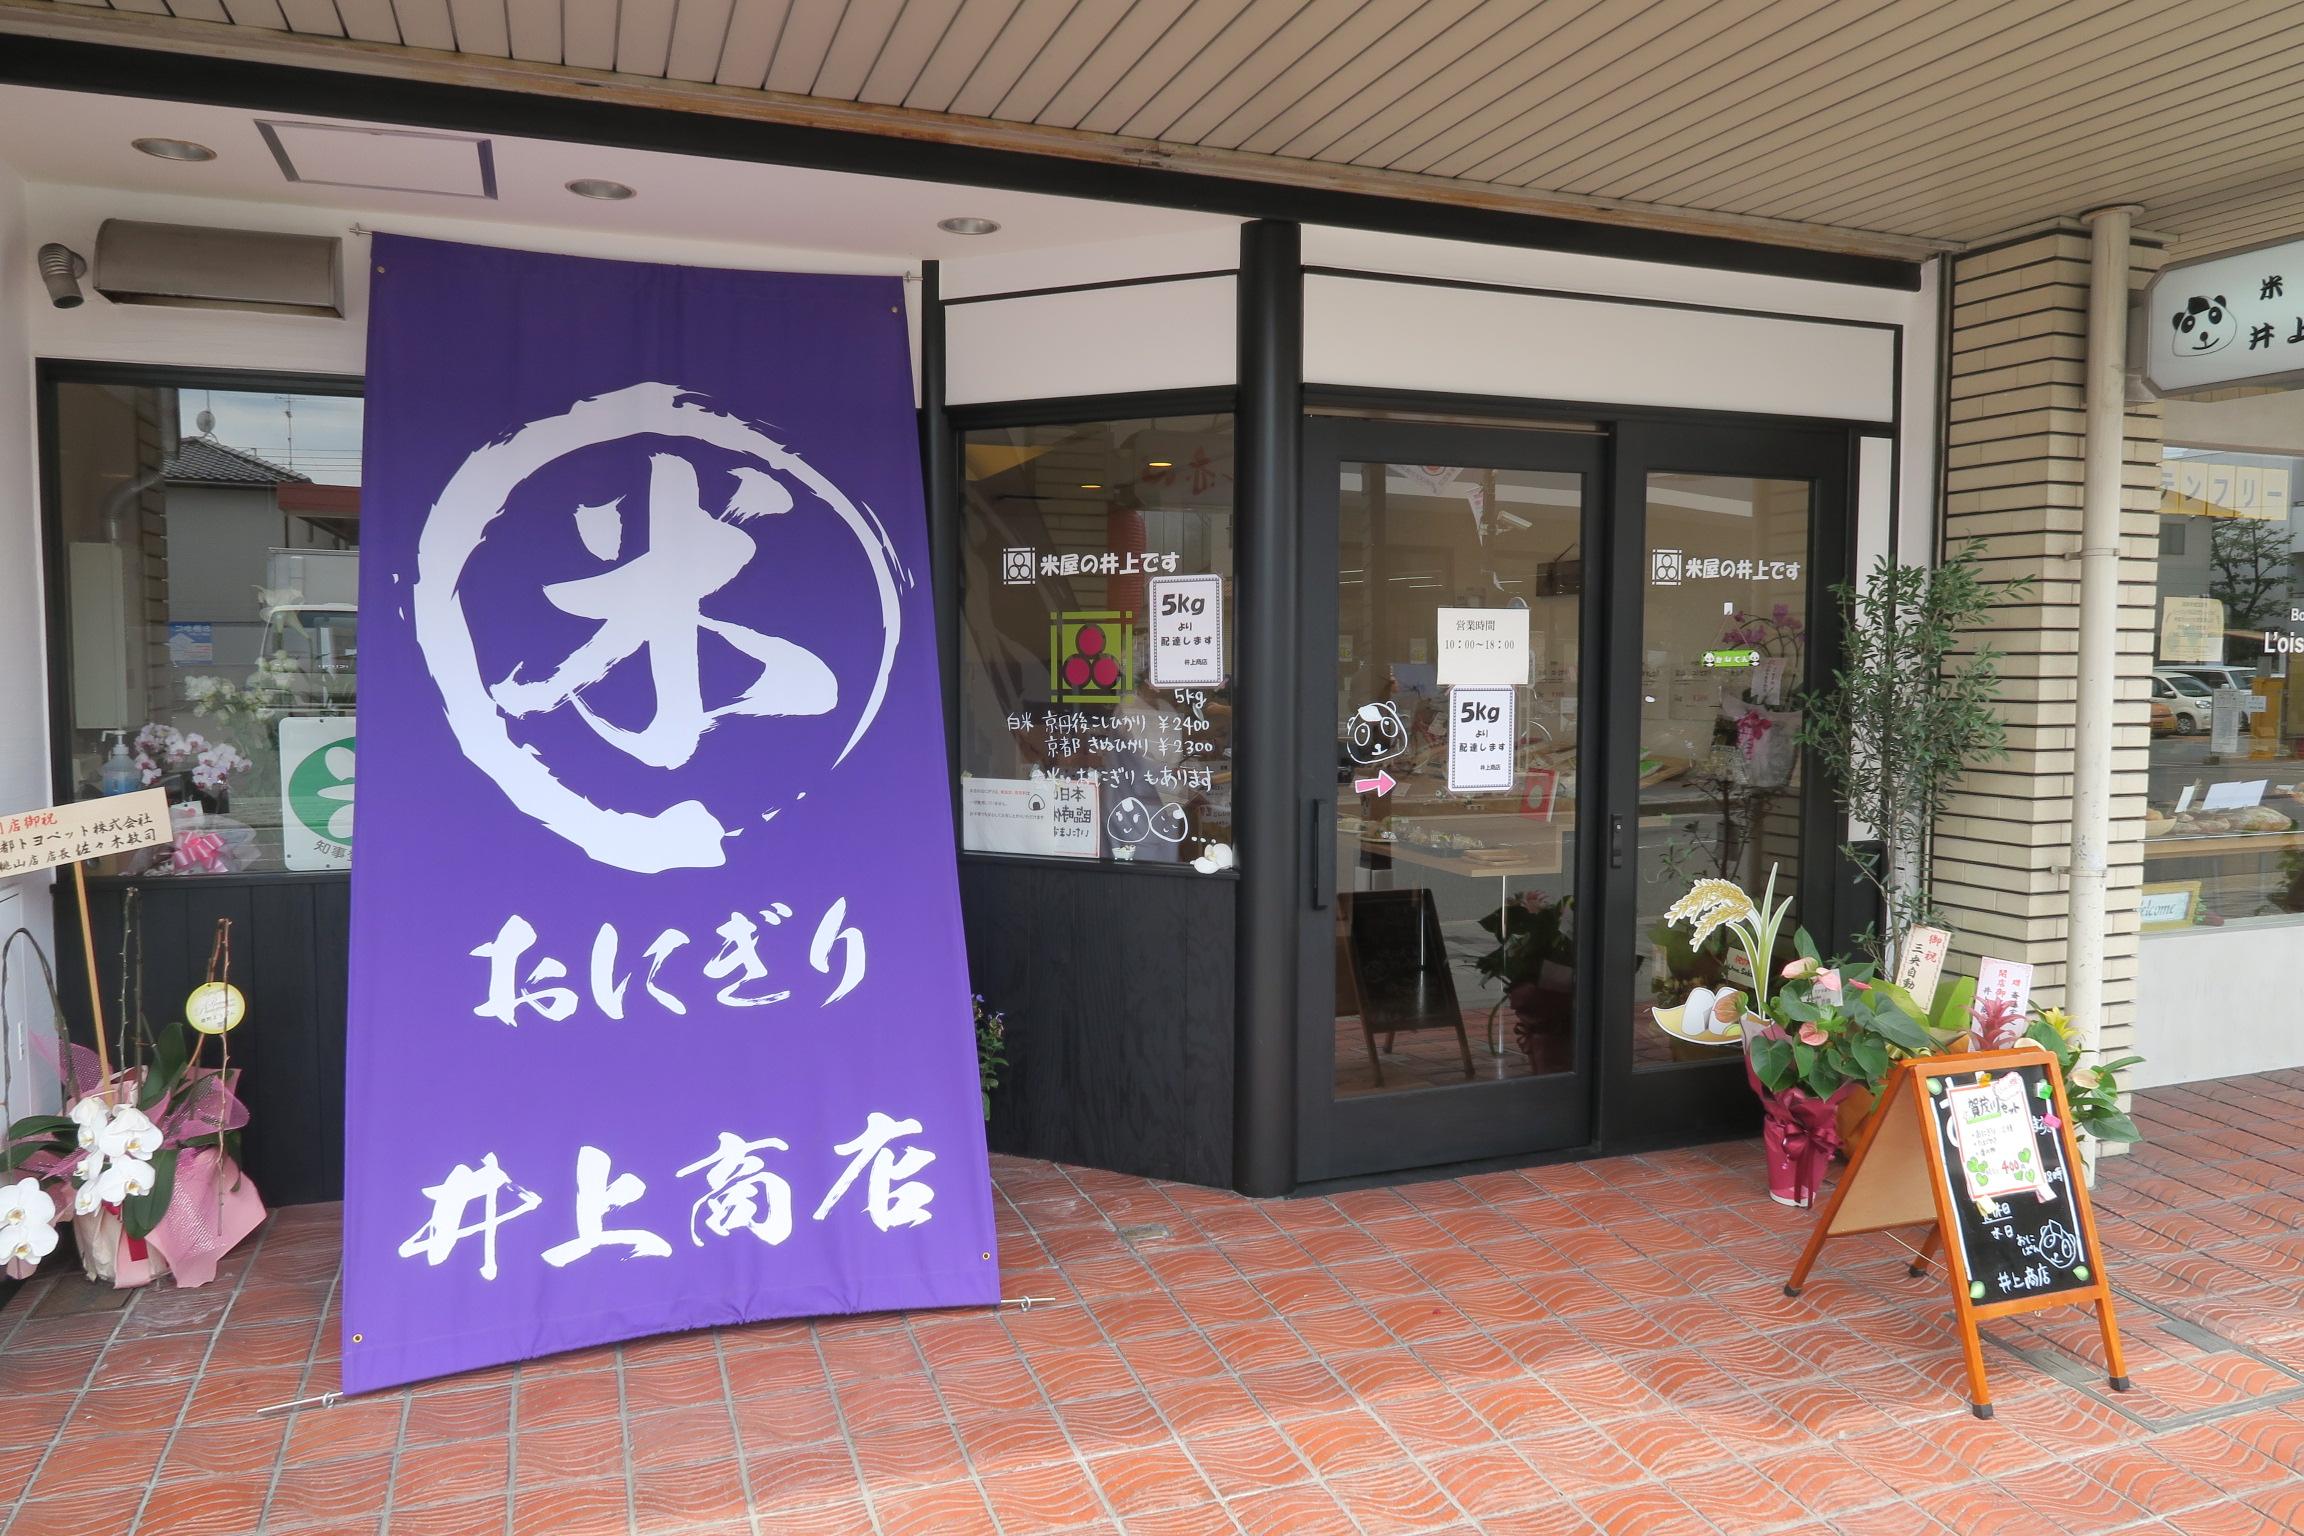 オープンしたばかりのお米屋さん。米屋が作るおにぎり弁当が売ってます!